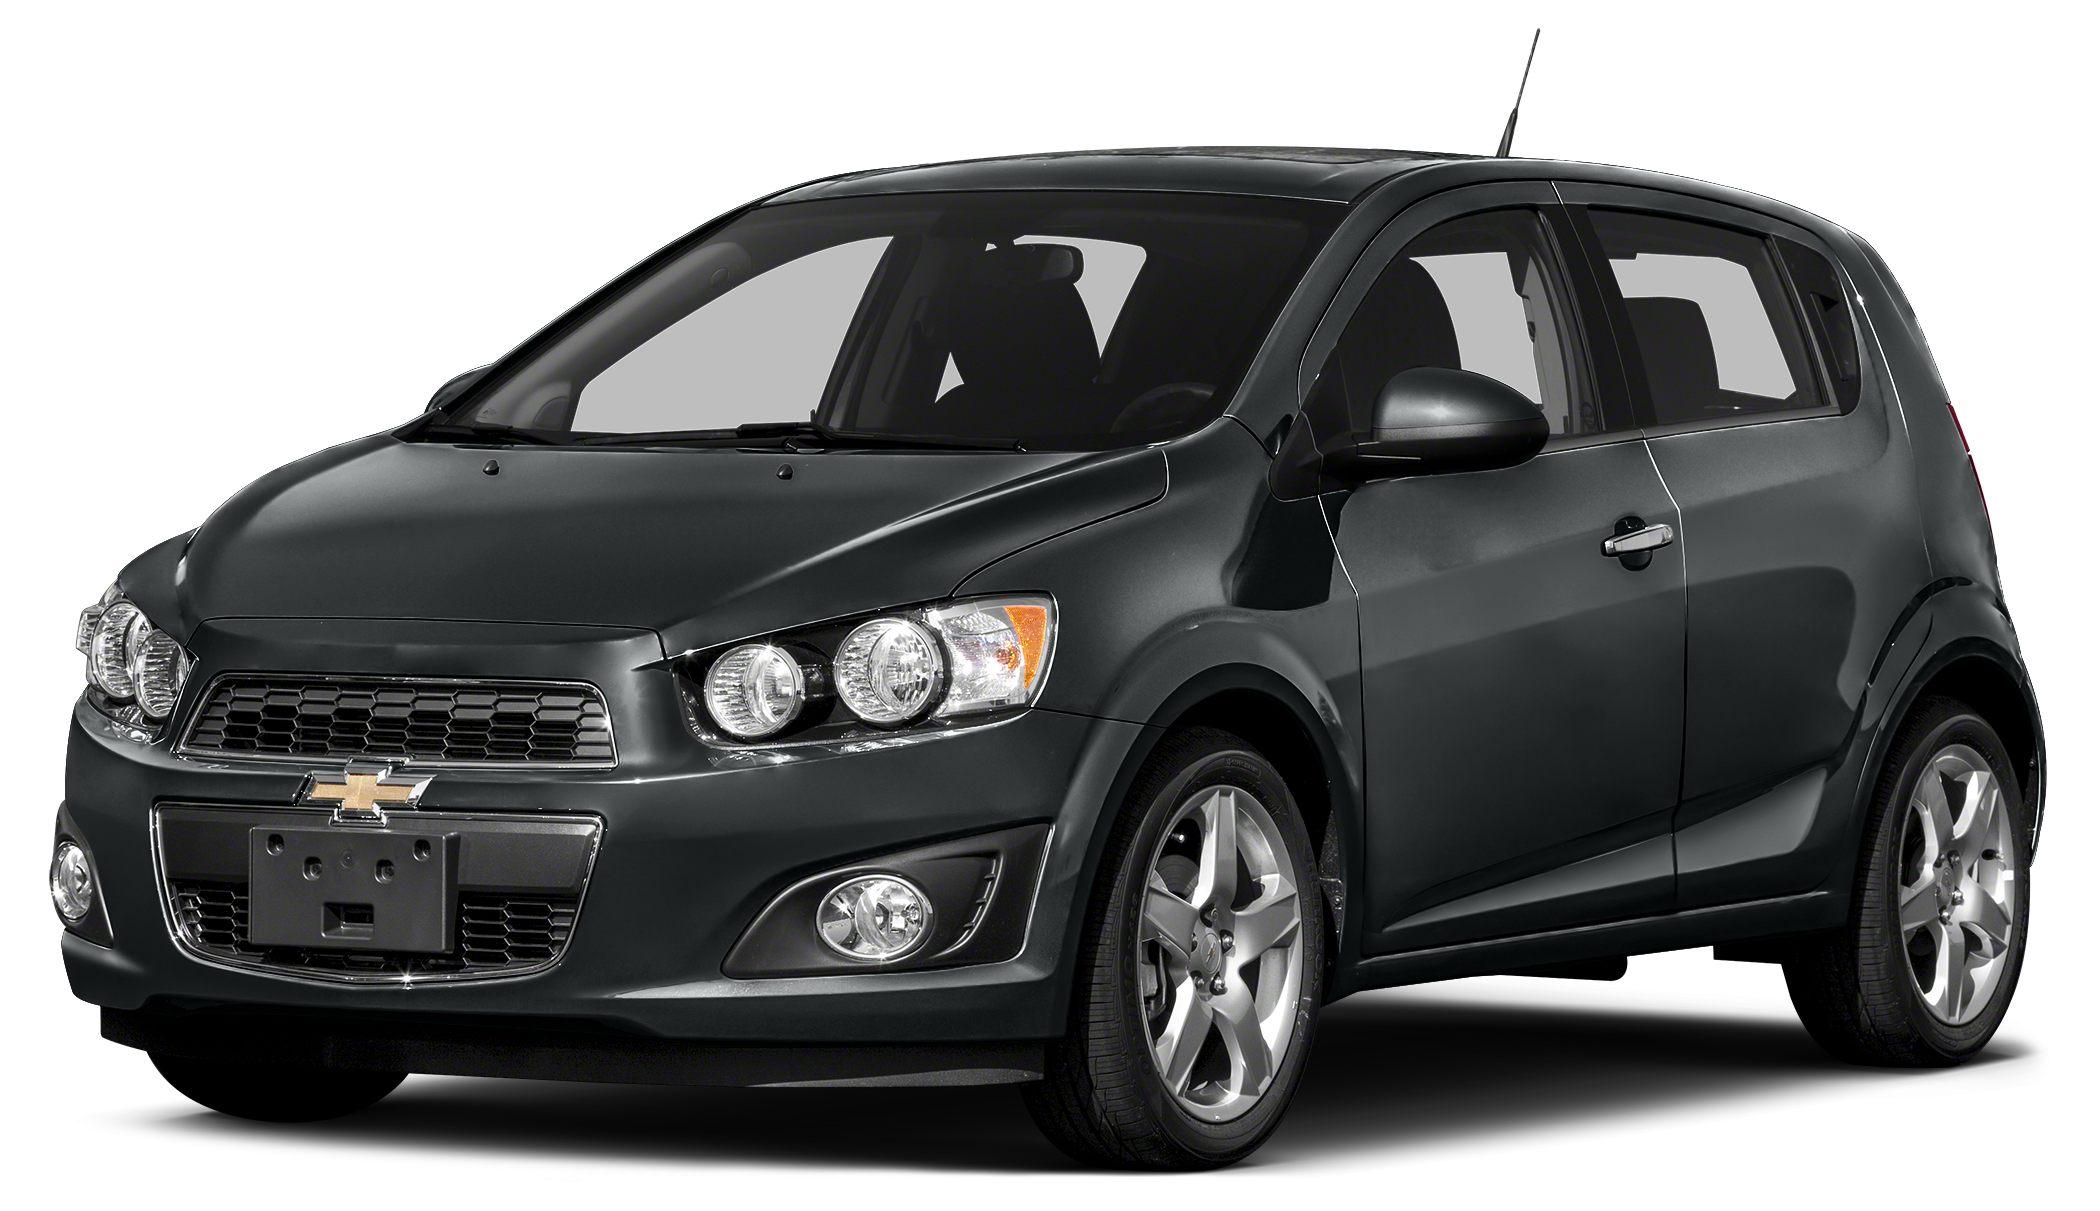 2015 Chevrolet Sonic LTZ Miles 44665Color Gray Stock U2383 VIN 1G1JE6SB7F4202173